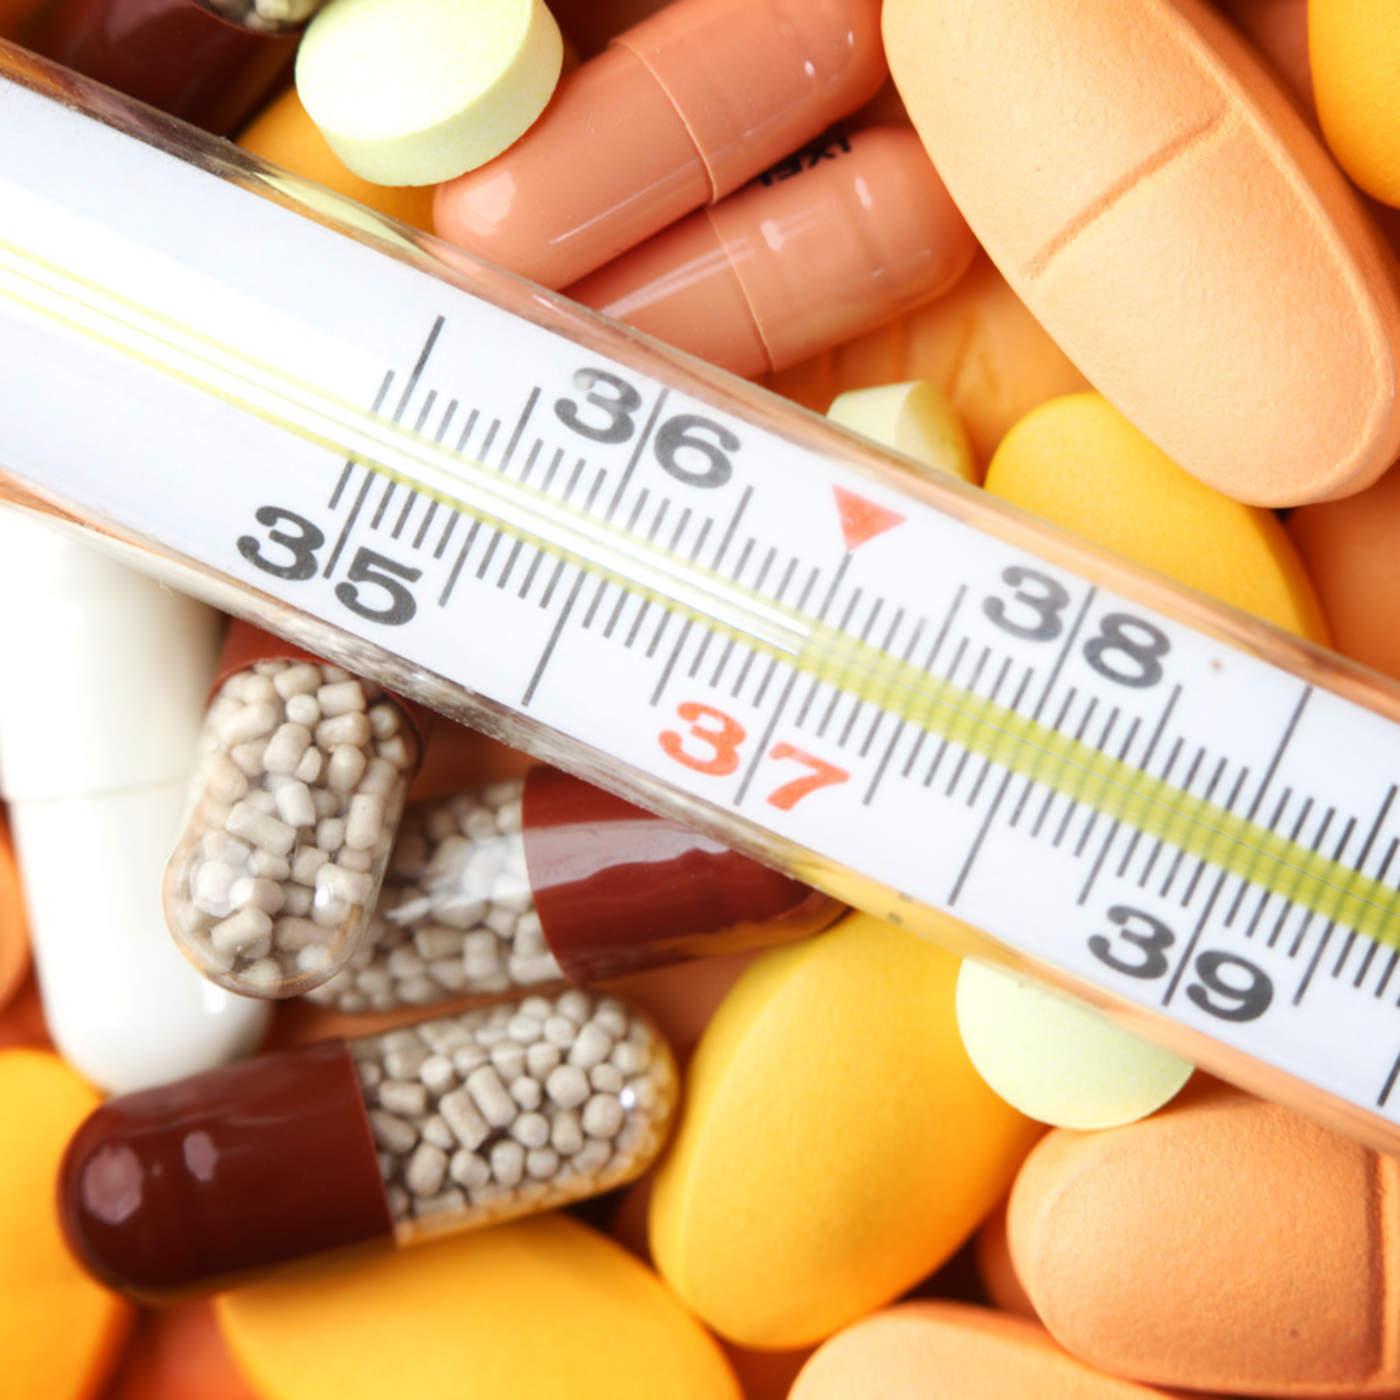 Un problema clave en el descubrimiento de fármacos es predecir si una molécula activará un proceso fisiológico particular. (ARCHIVO)